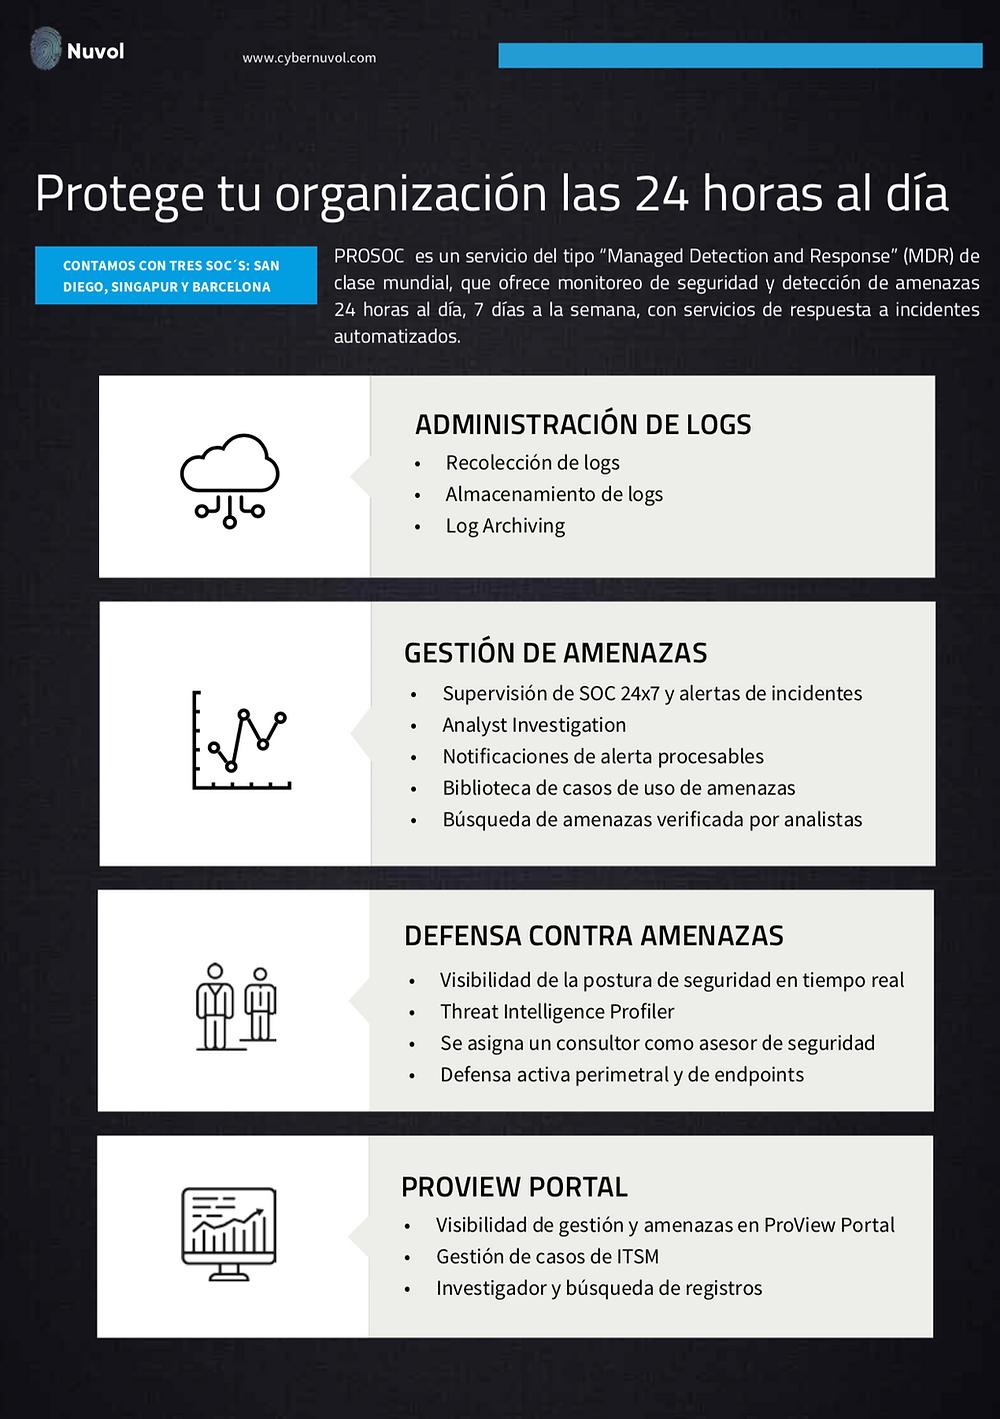 ProSOC es un servicio MSSP y MDR de clase mundial que ofrece monitoreo de seguridad, detección de amenazas 24x7, con servicio de respuesta a incidentes automatizado